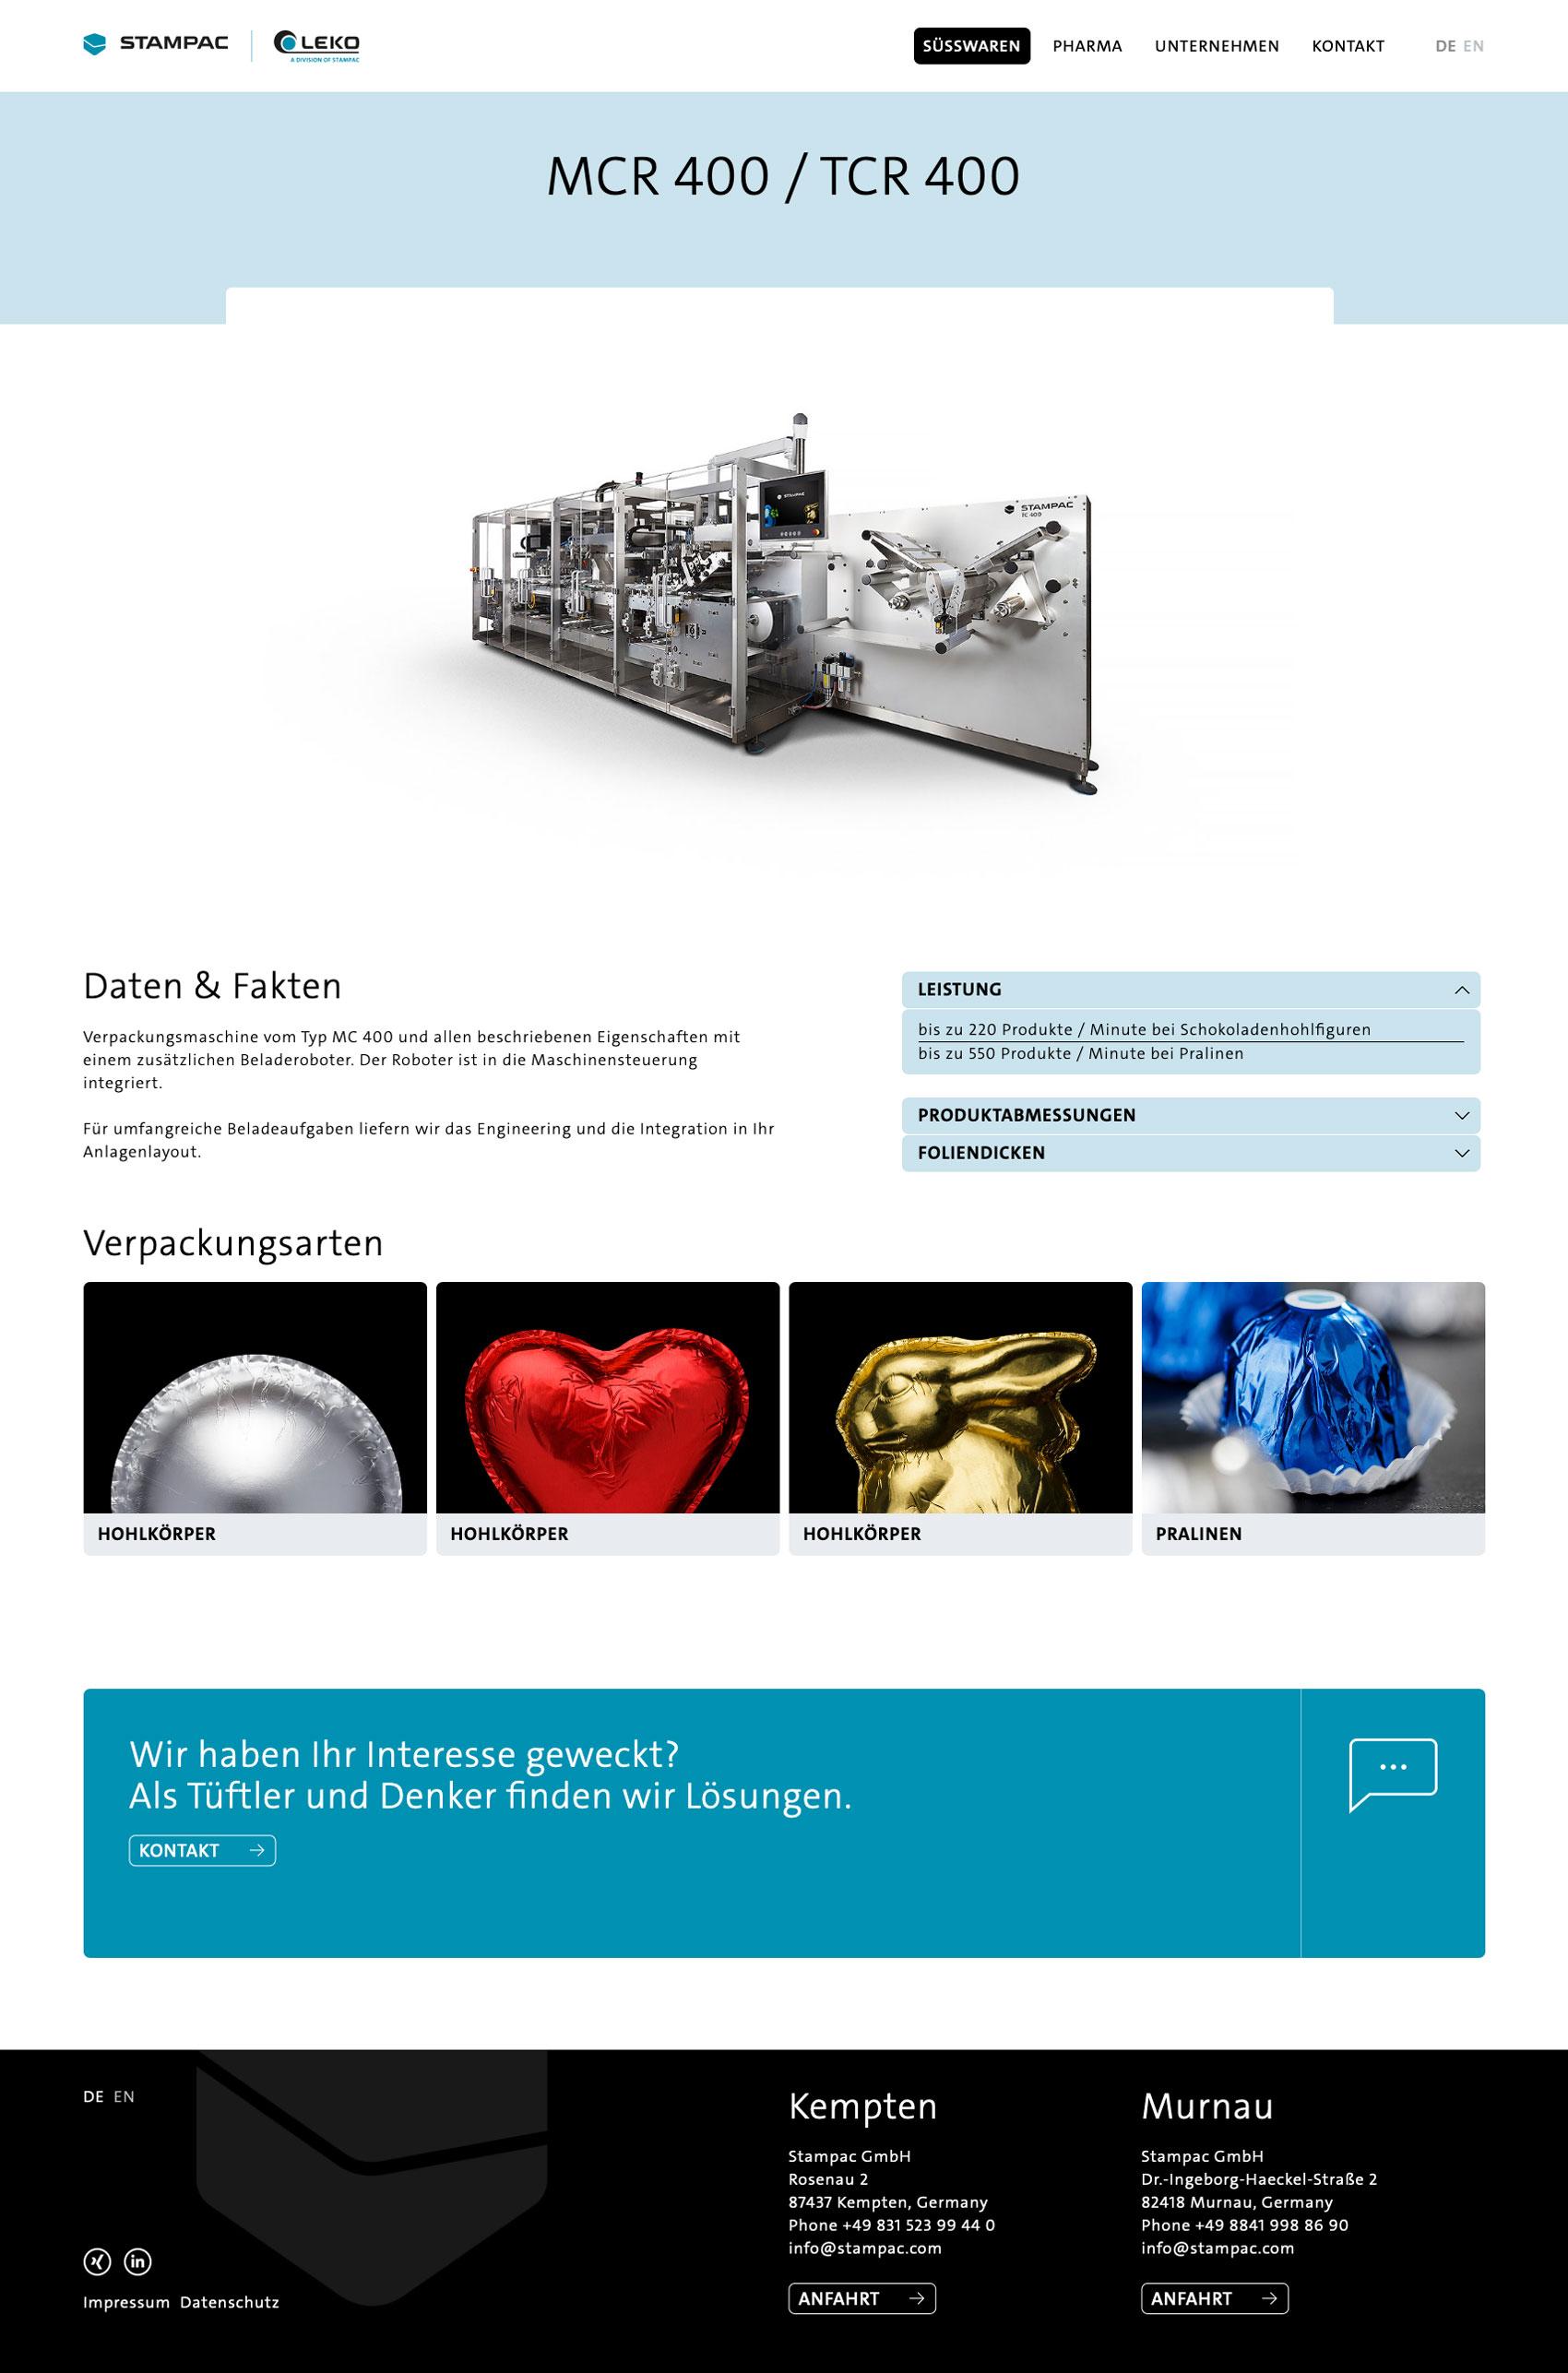 Maschinenbau und Industrie vereint in einem Webdesign mit emotionalen Bildern